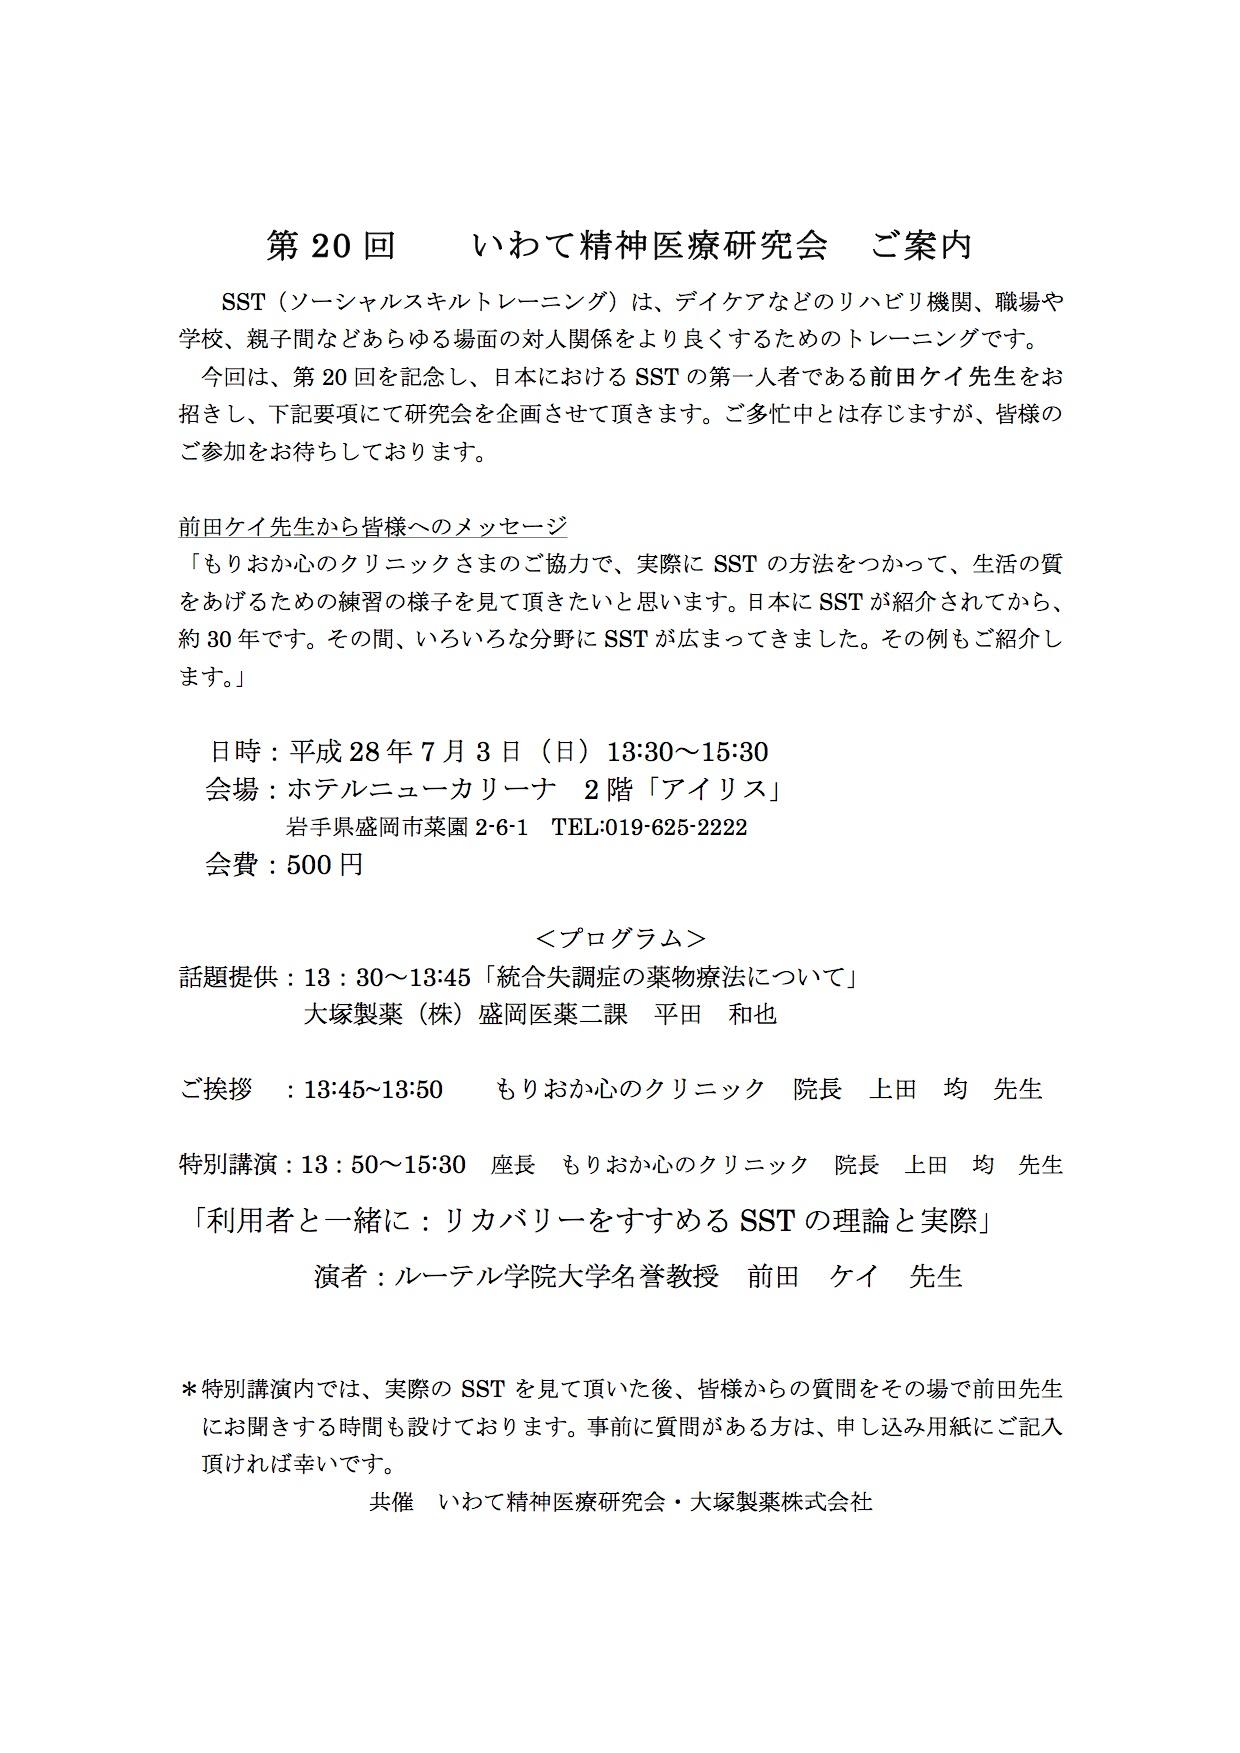 第20回「いわて精神医療研究会」ご案内 _a0103650_2365781.jpg